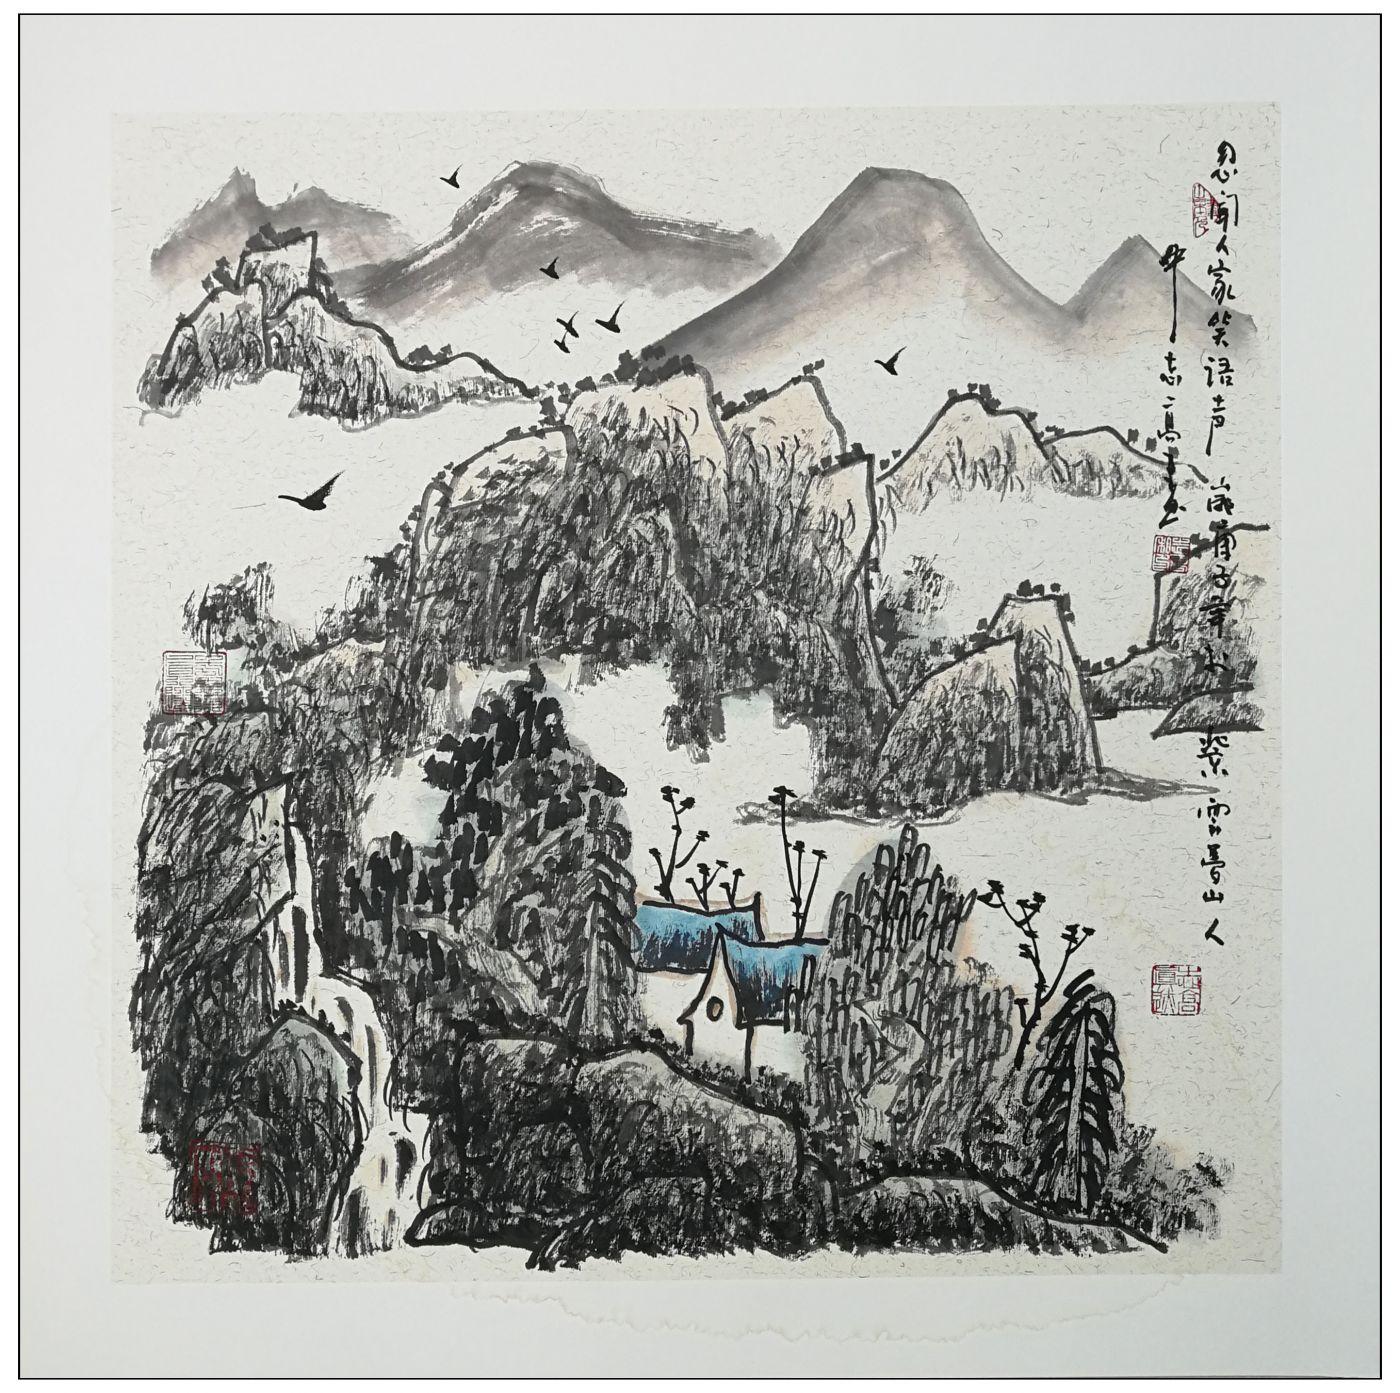 牛志高2020山水画新作-----2020.07.05_图1-16